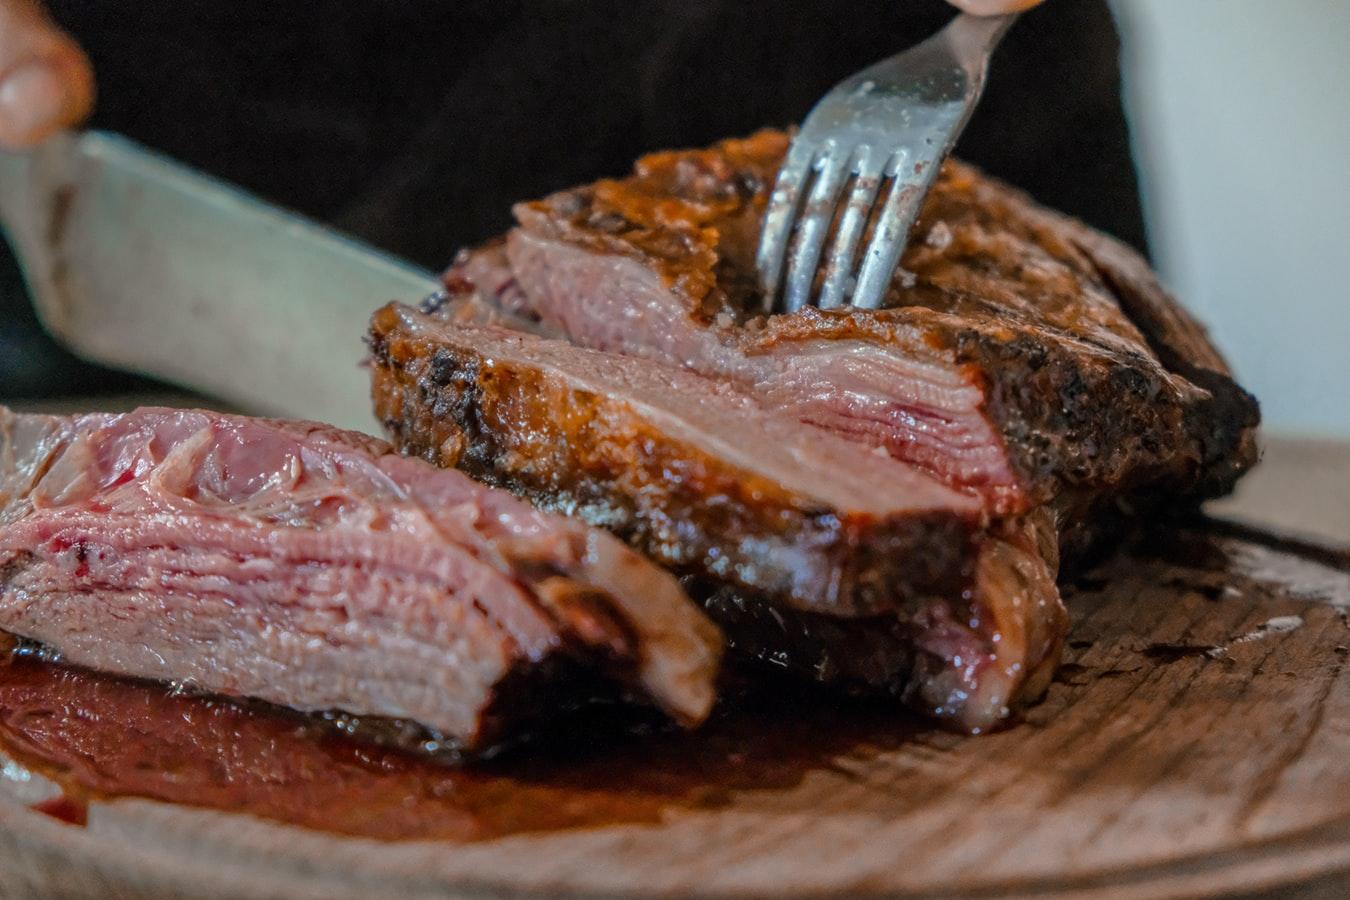 Un morceau de viande saignante